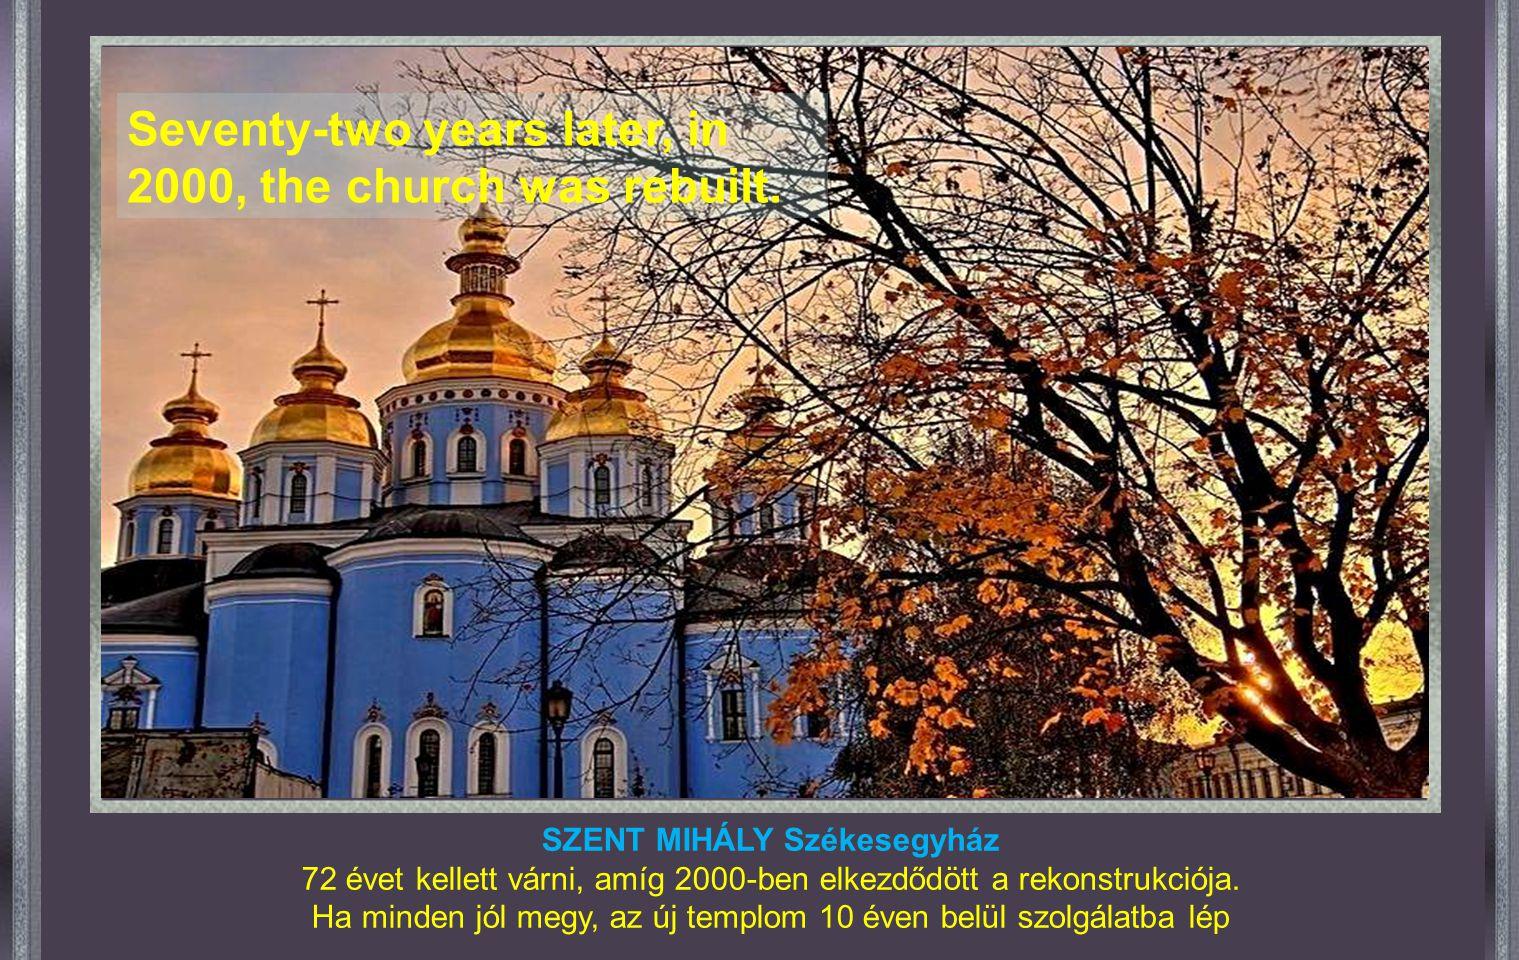 KIJEV - UKRAJNA SZENT MIHÁLY Székesegyház 1919 volt a legdrámaibb év, amikortól a szovjet rezsim lefoglalta és lerombolta a templomok százait. Ezt a s